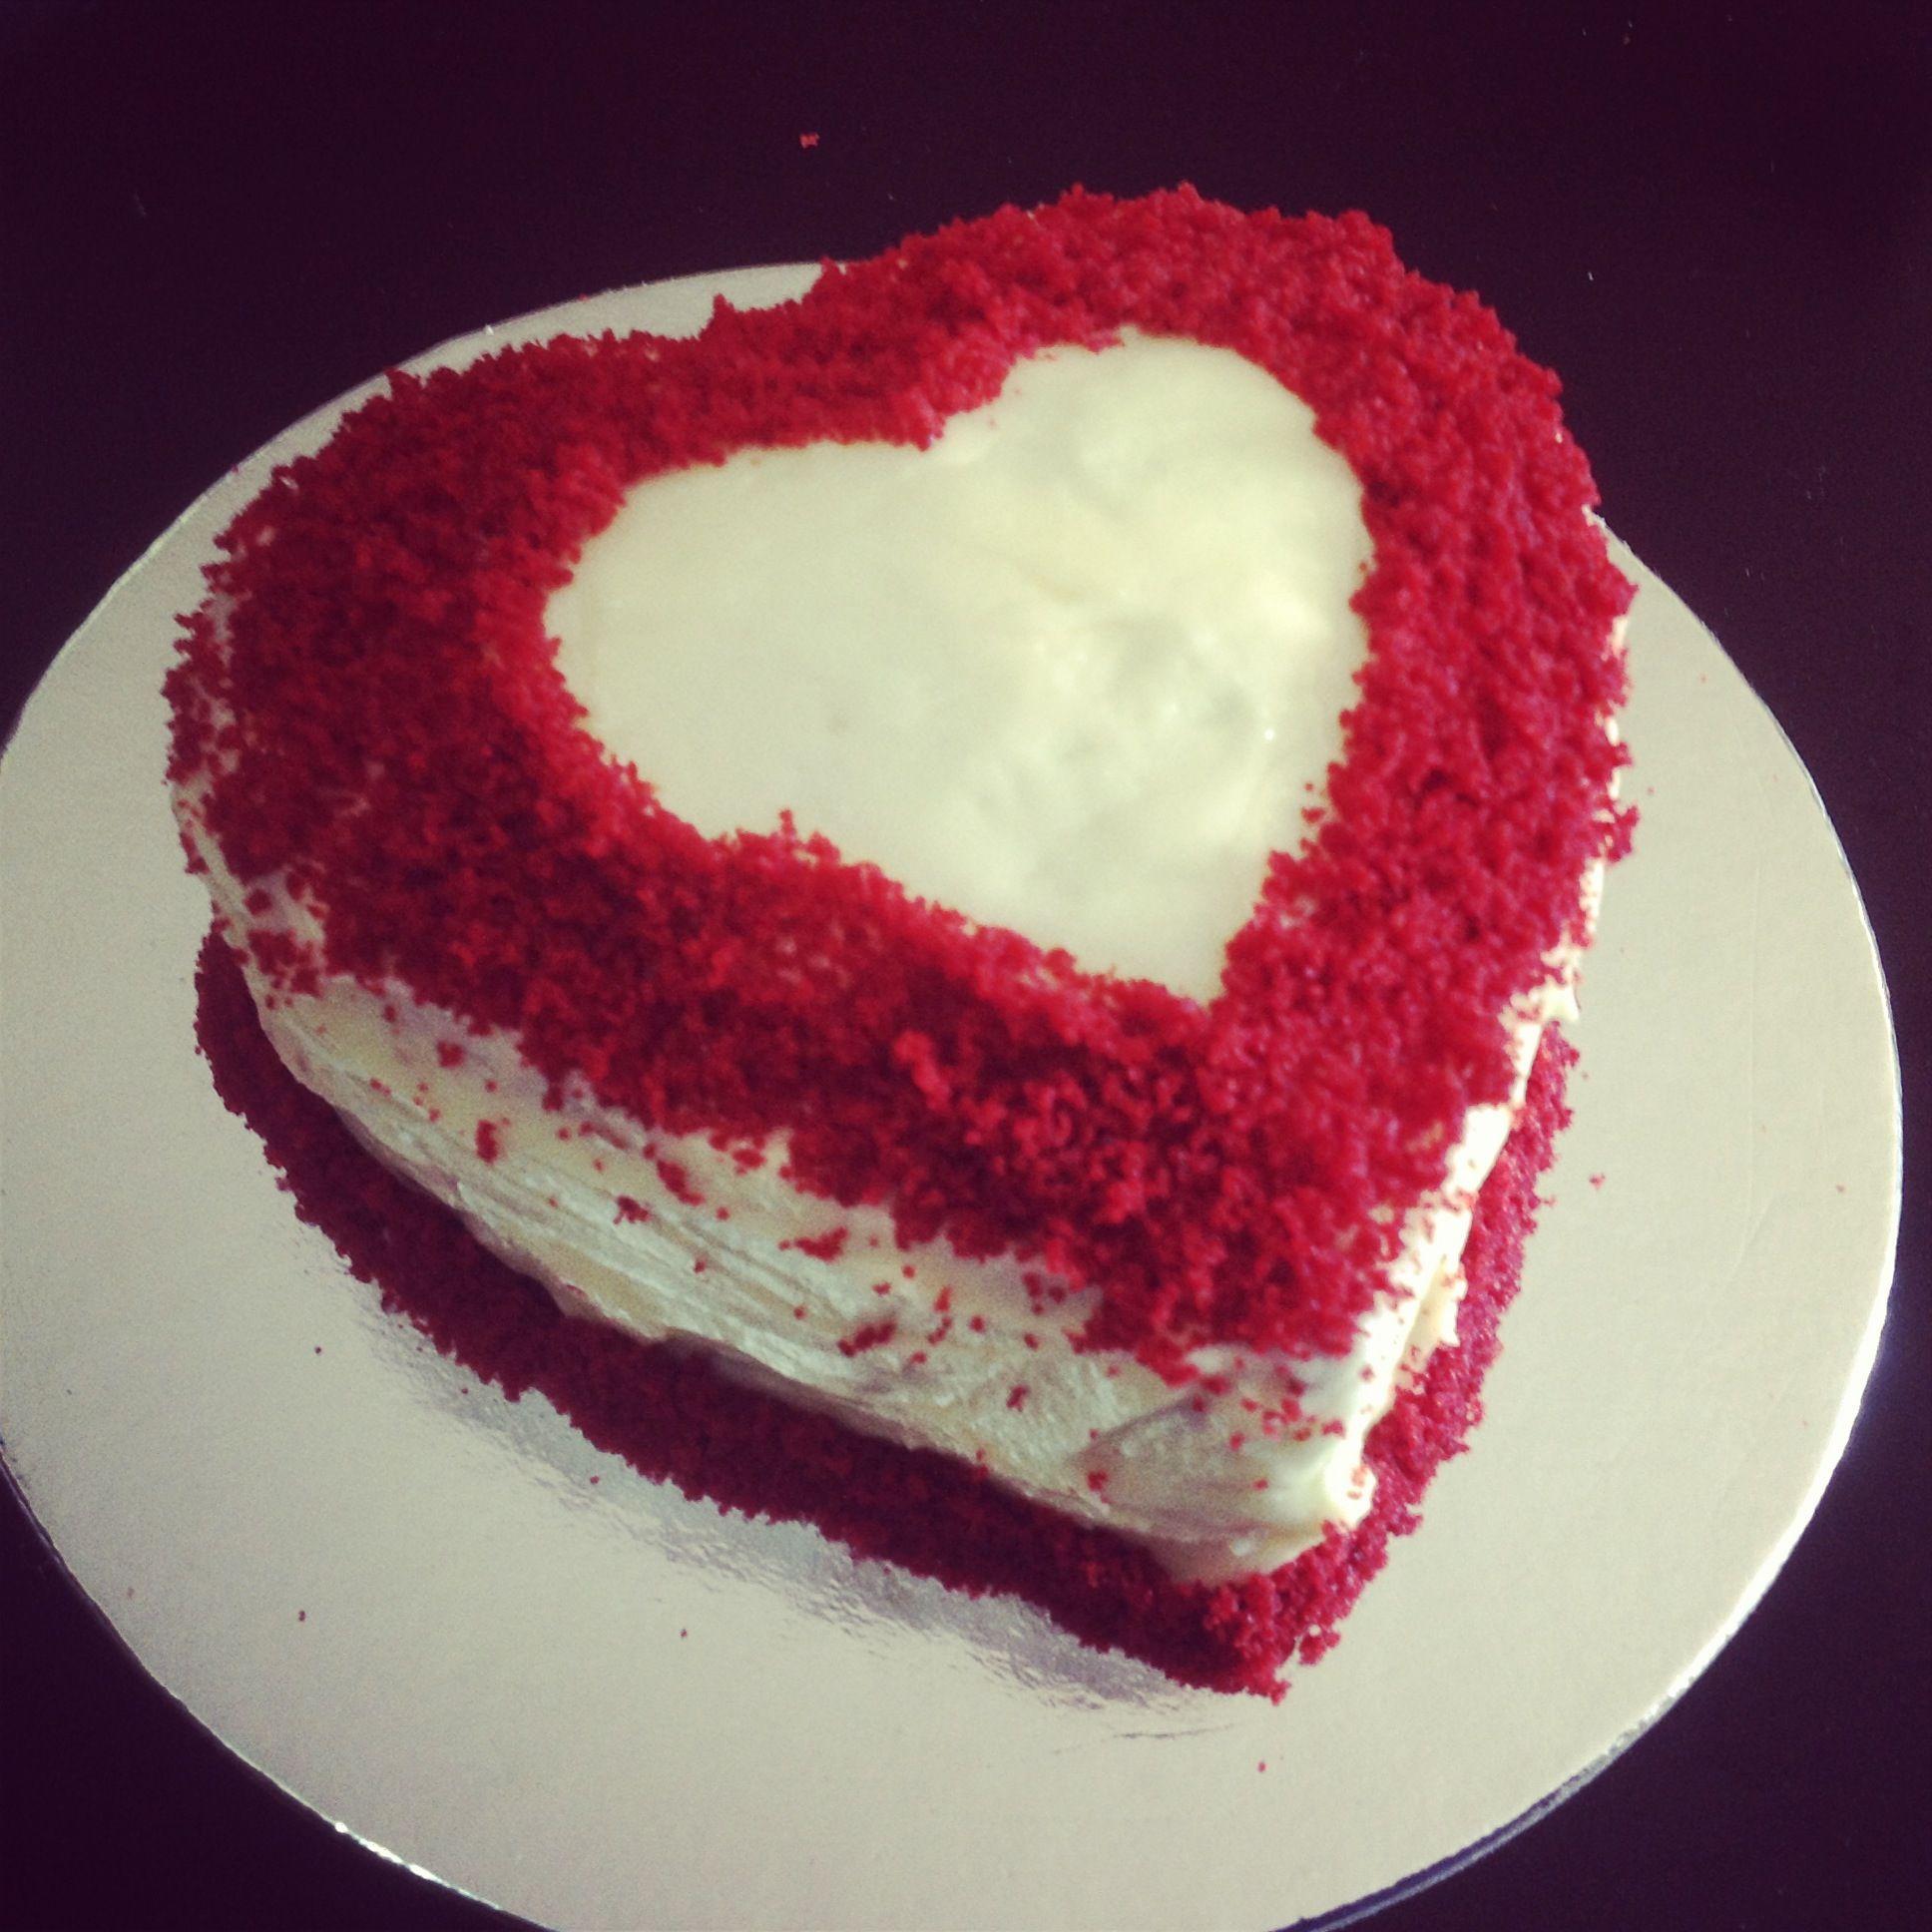 Red Heart Cake Images : Red velvet heart cake Love Bakes Good Cakes Pinterest